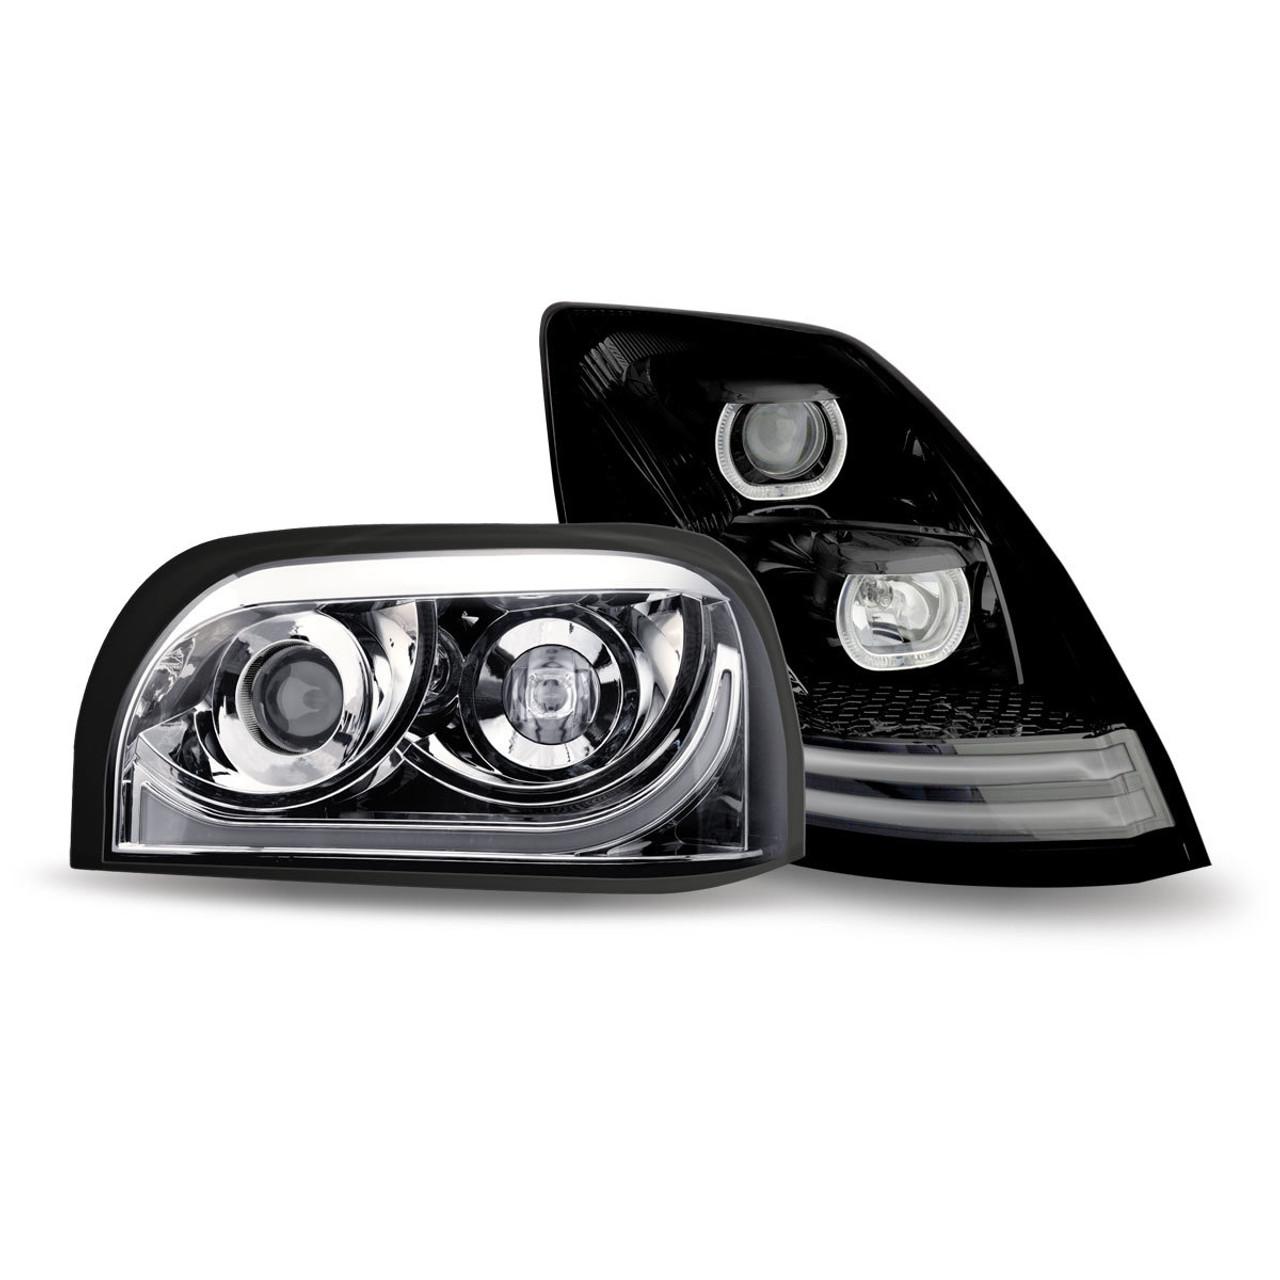 LED Headlight Assemblies